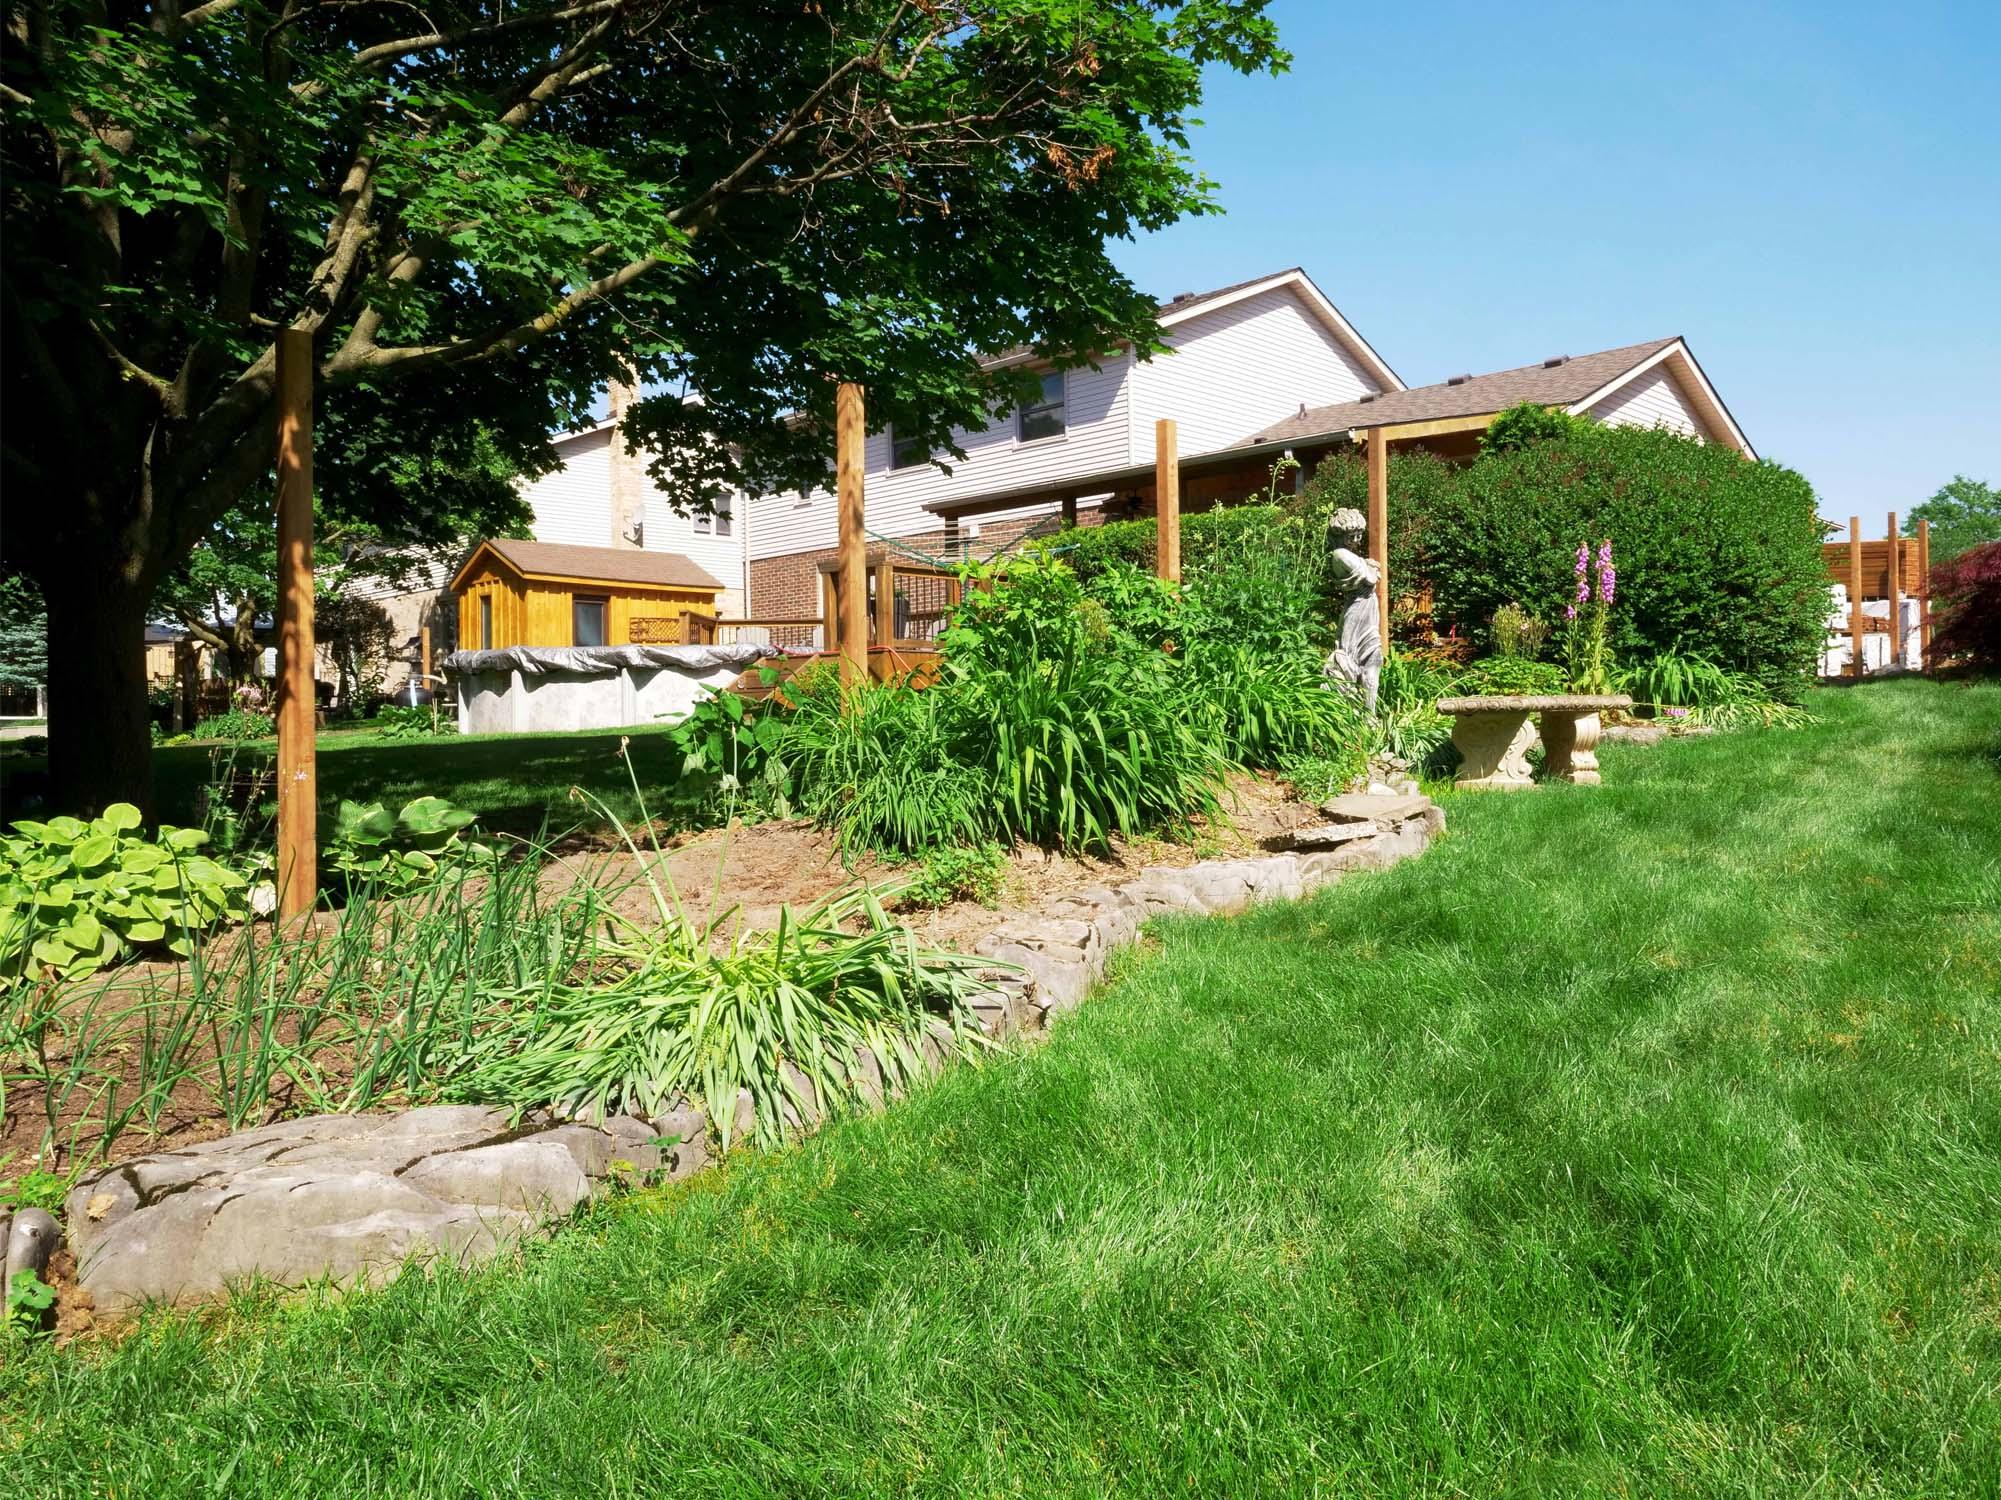 fence-posts-garden-woodstock-ontario